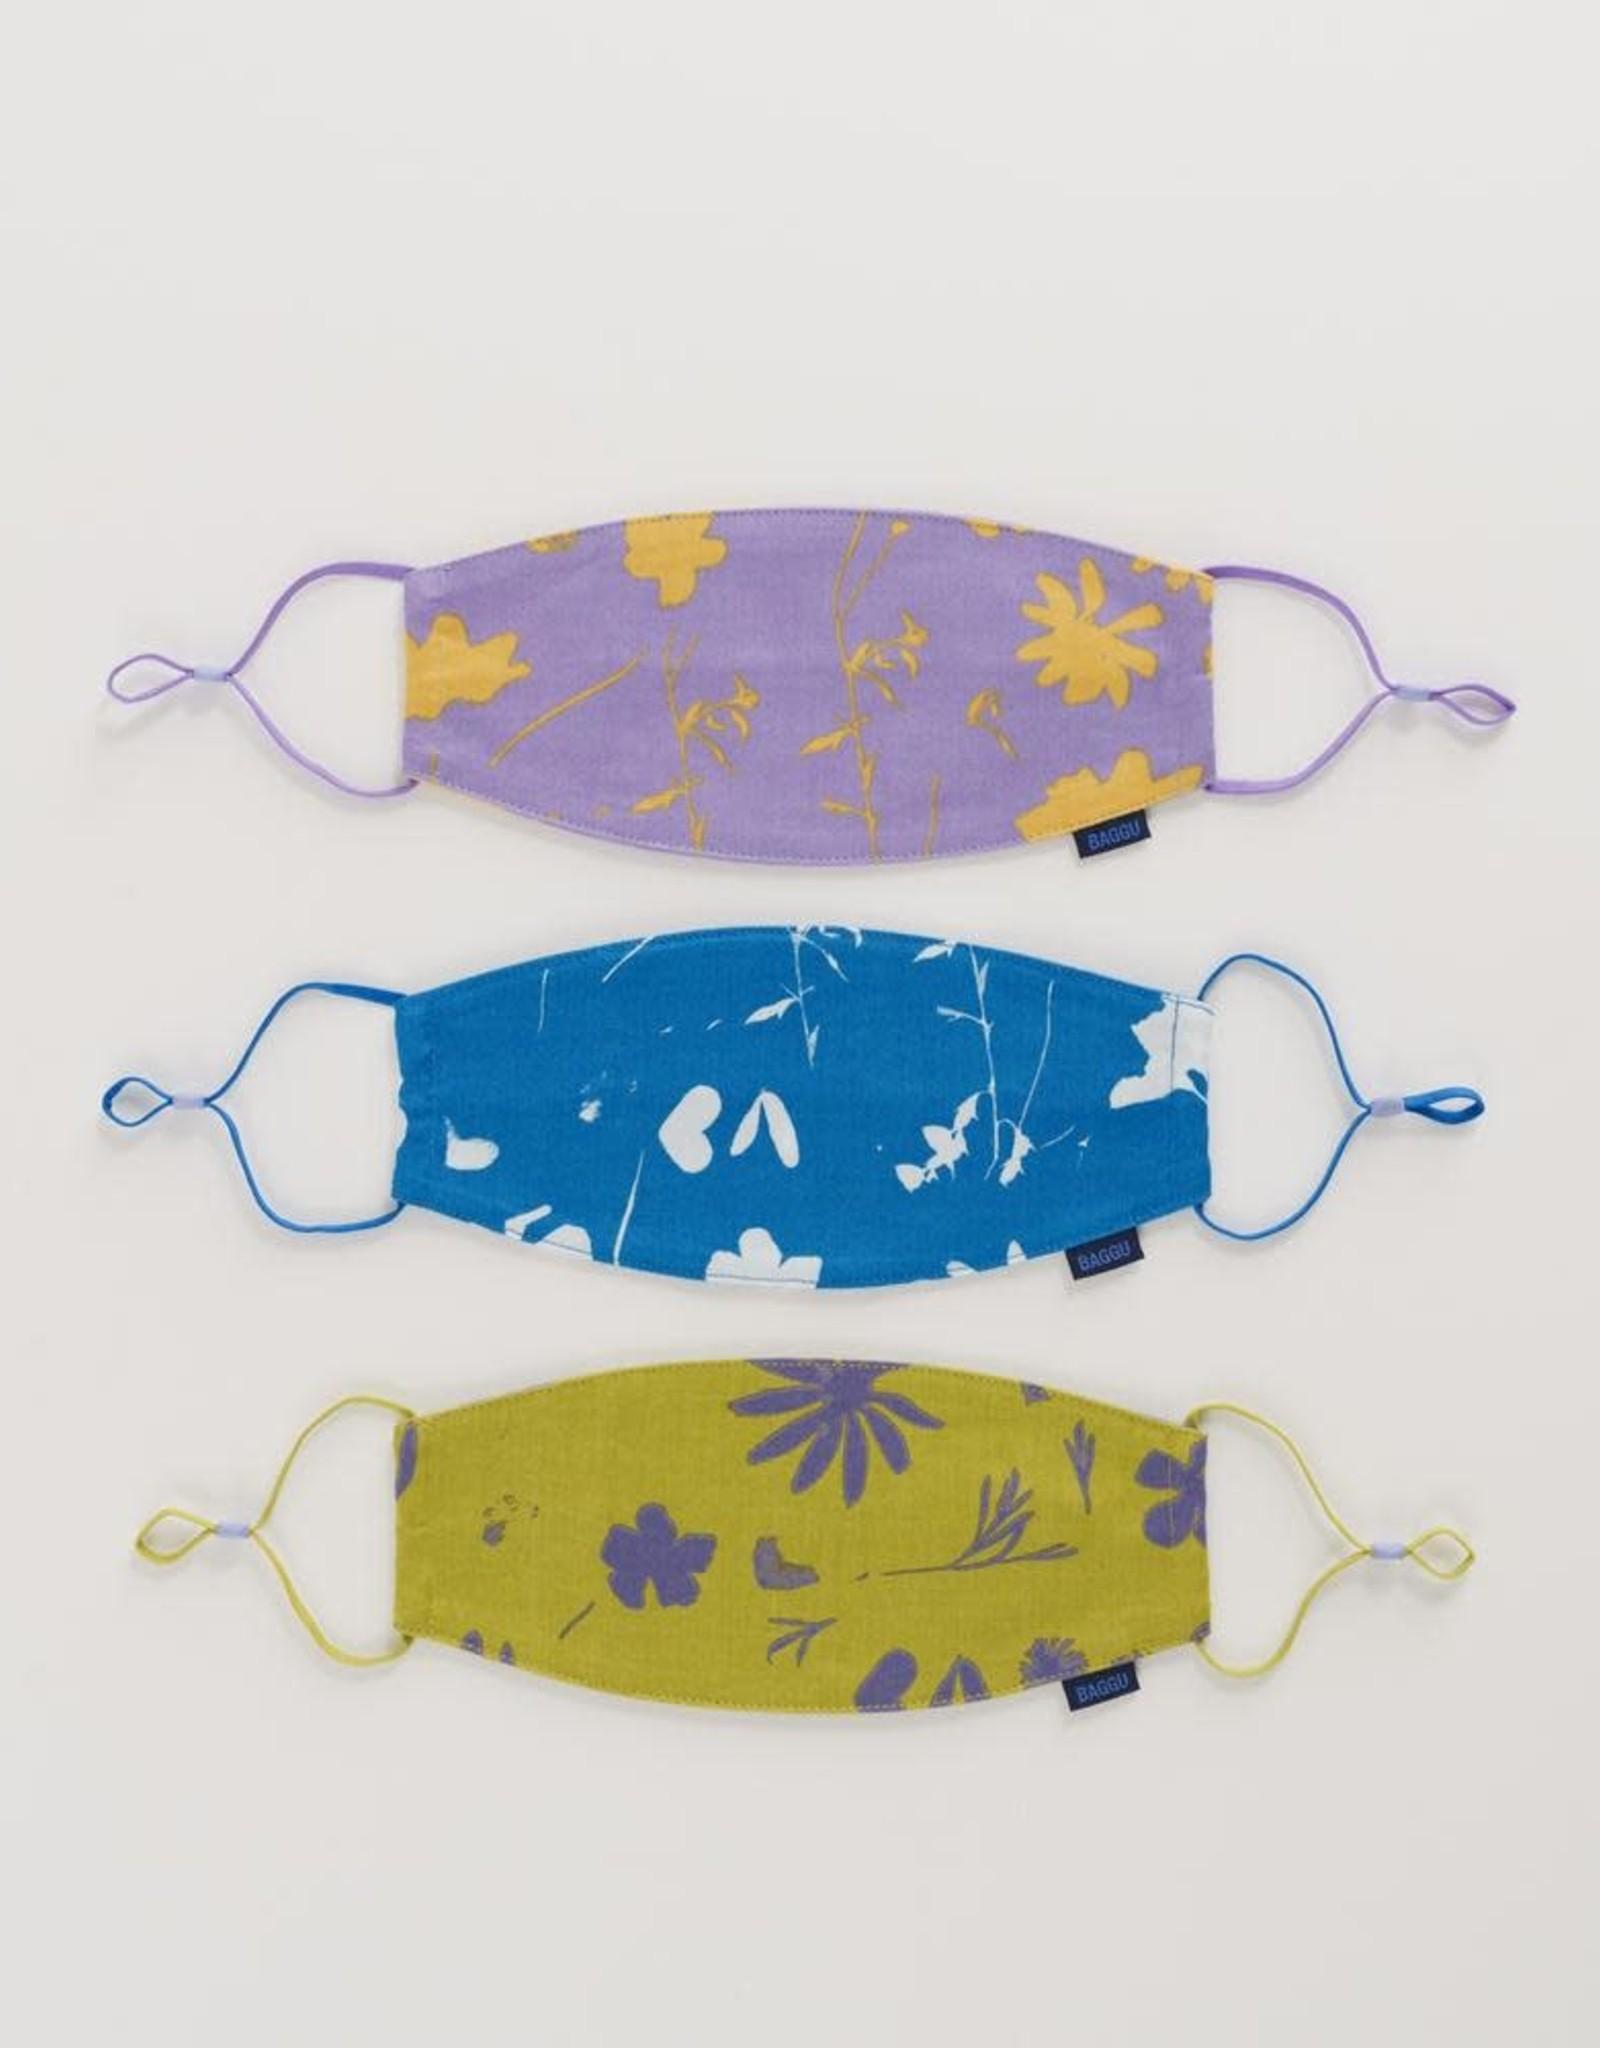 Baggu Baggu   Fabric Mask Set Loop - Floral Sun Prints